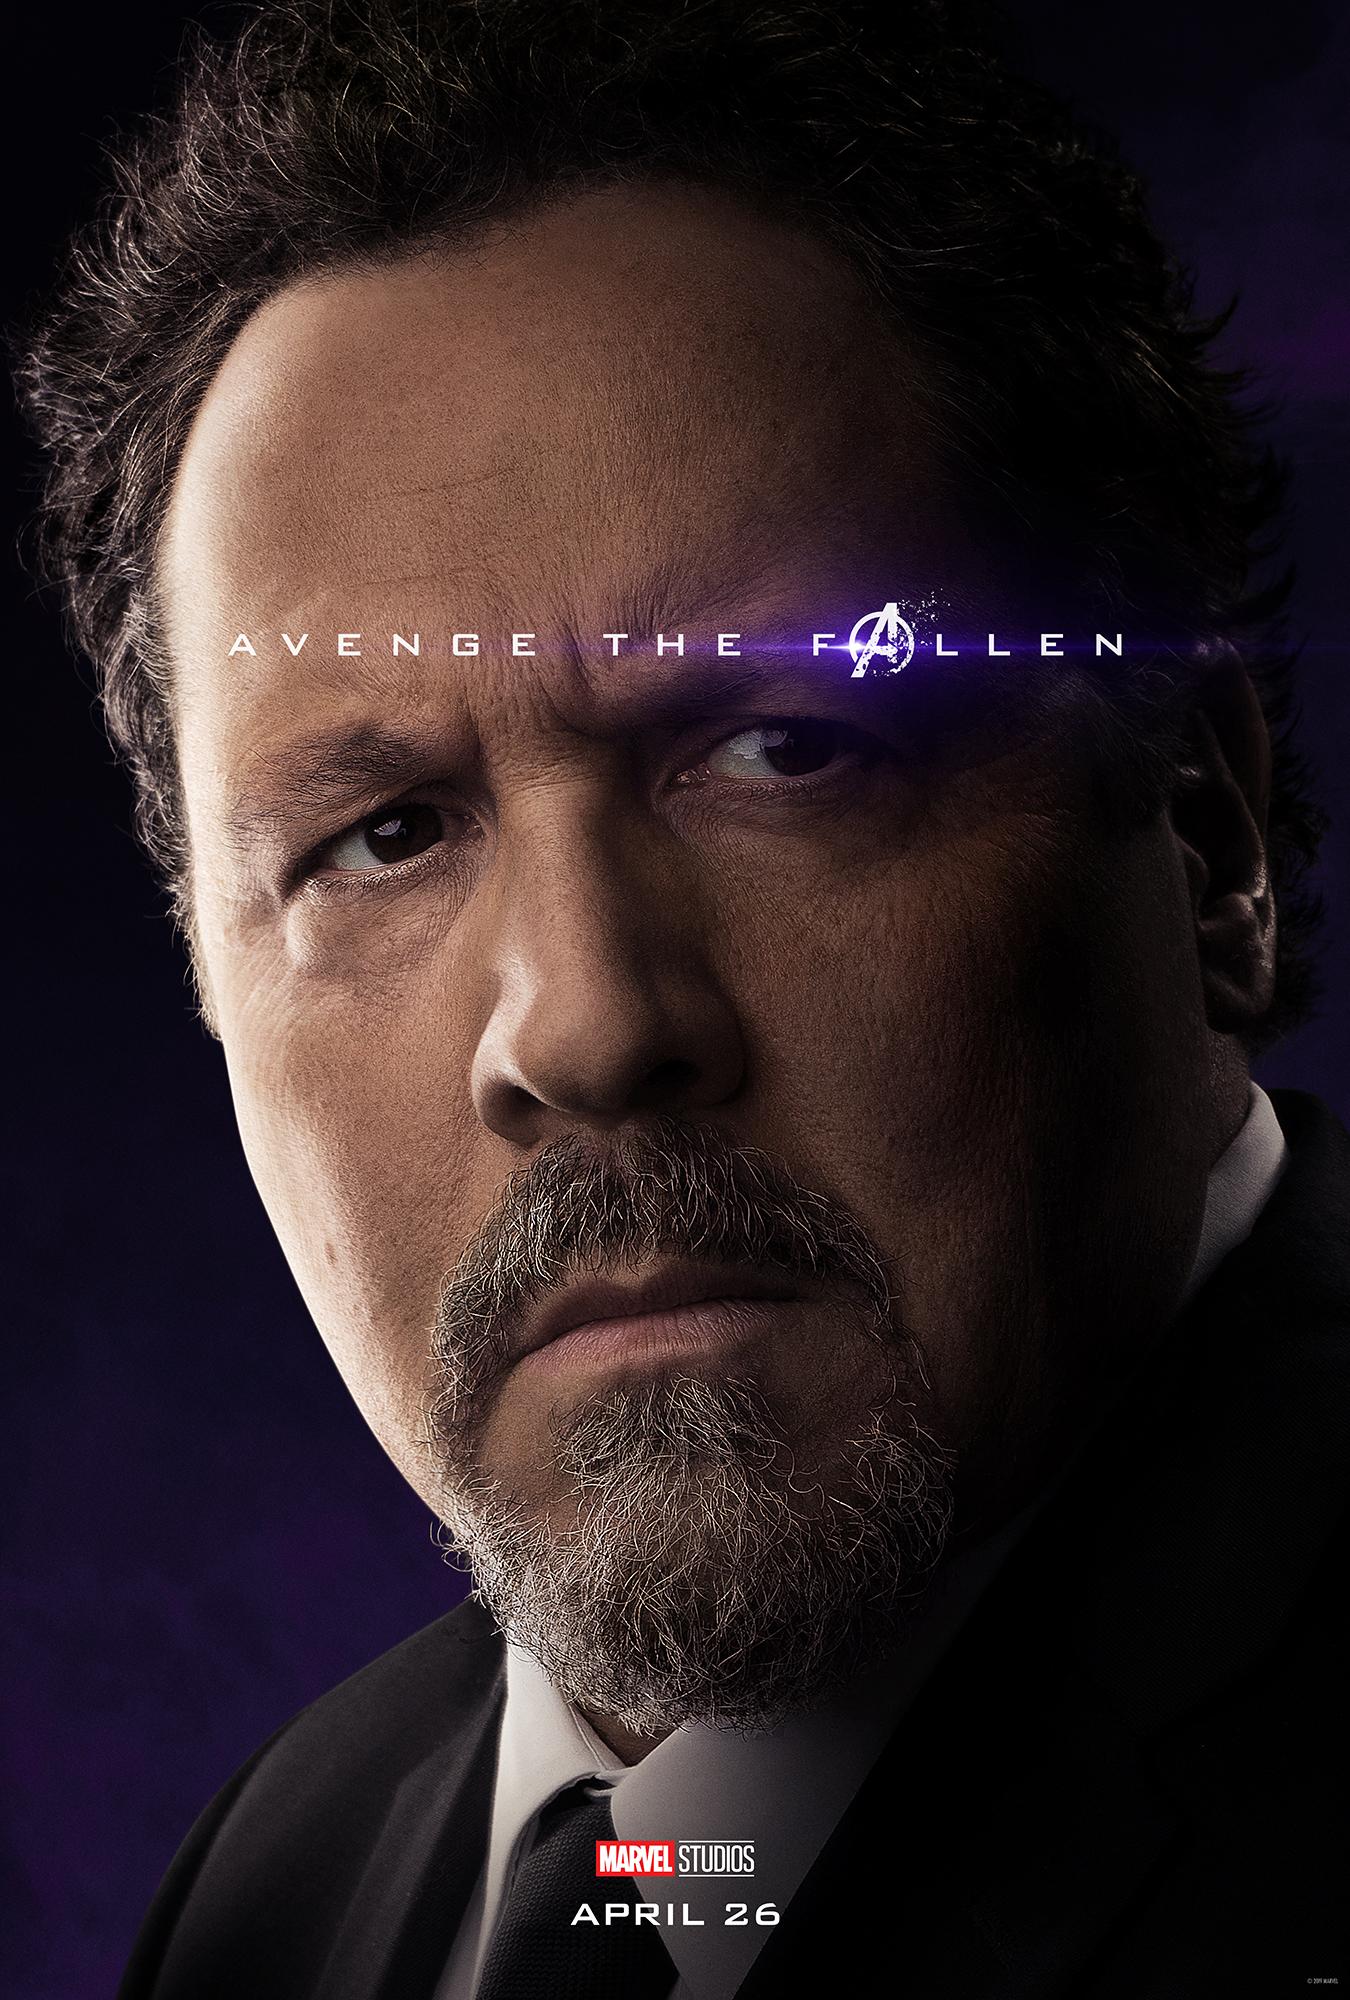 Avengers_Endgame_Char1Sht_Happy_Avenge_mech2_FS_100dpi.jpg